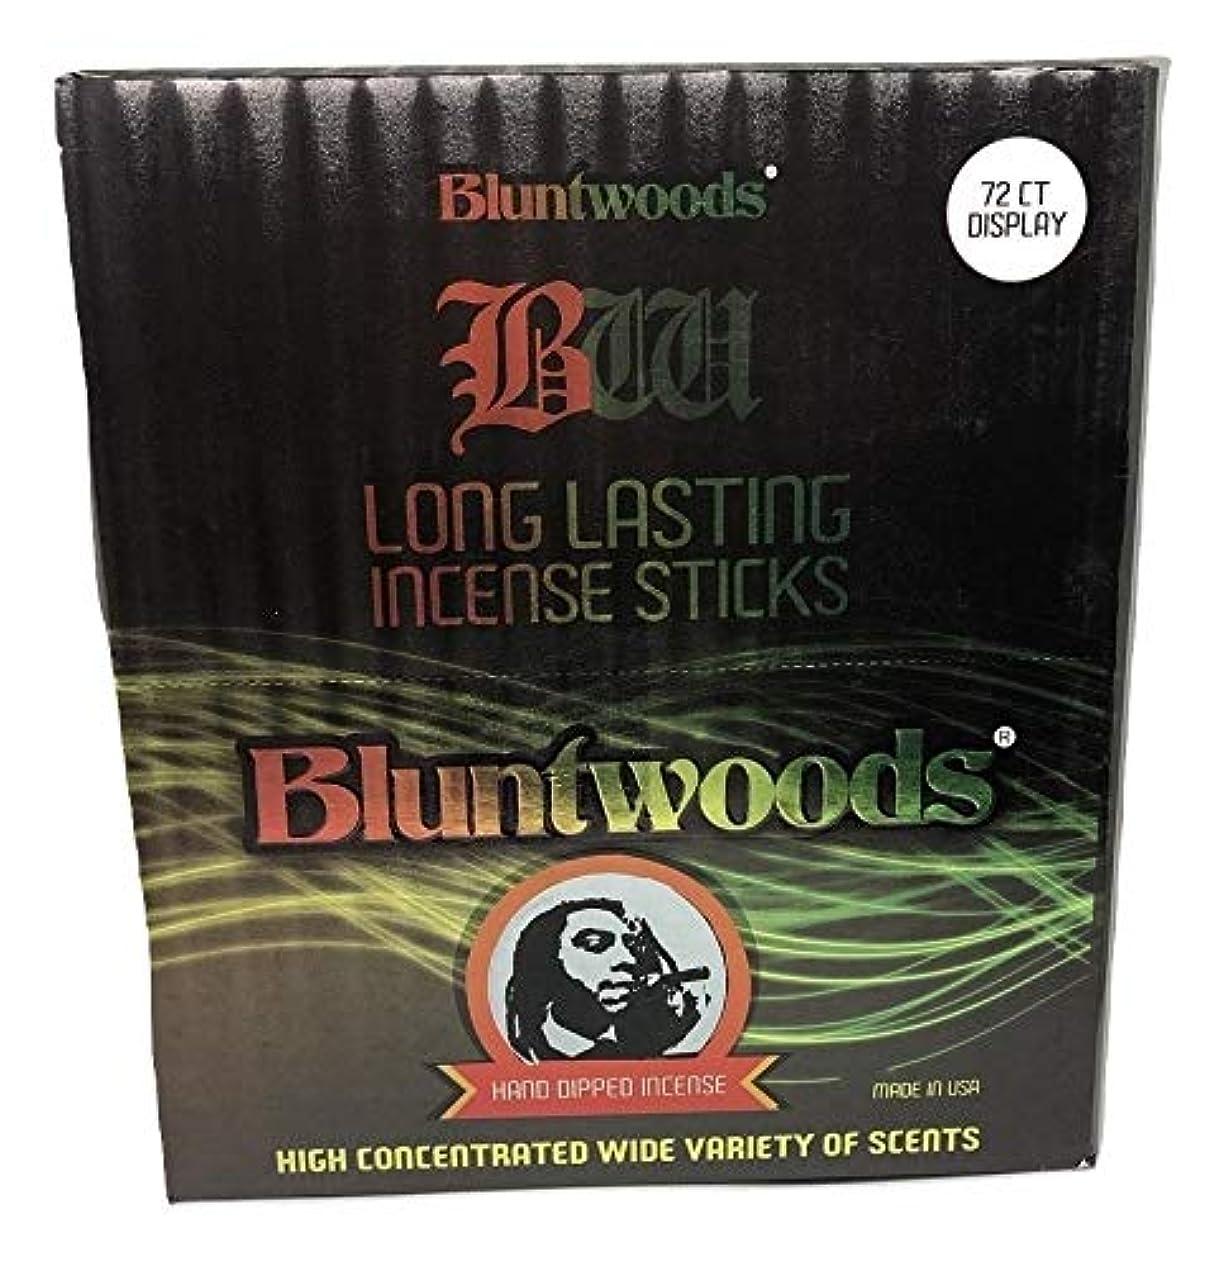 セッションレコーダー残基BLUNTWOODS Blunt Woods 手染め お香ディスプレイ (72カウントアスト) 合計864 お香スティック